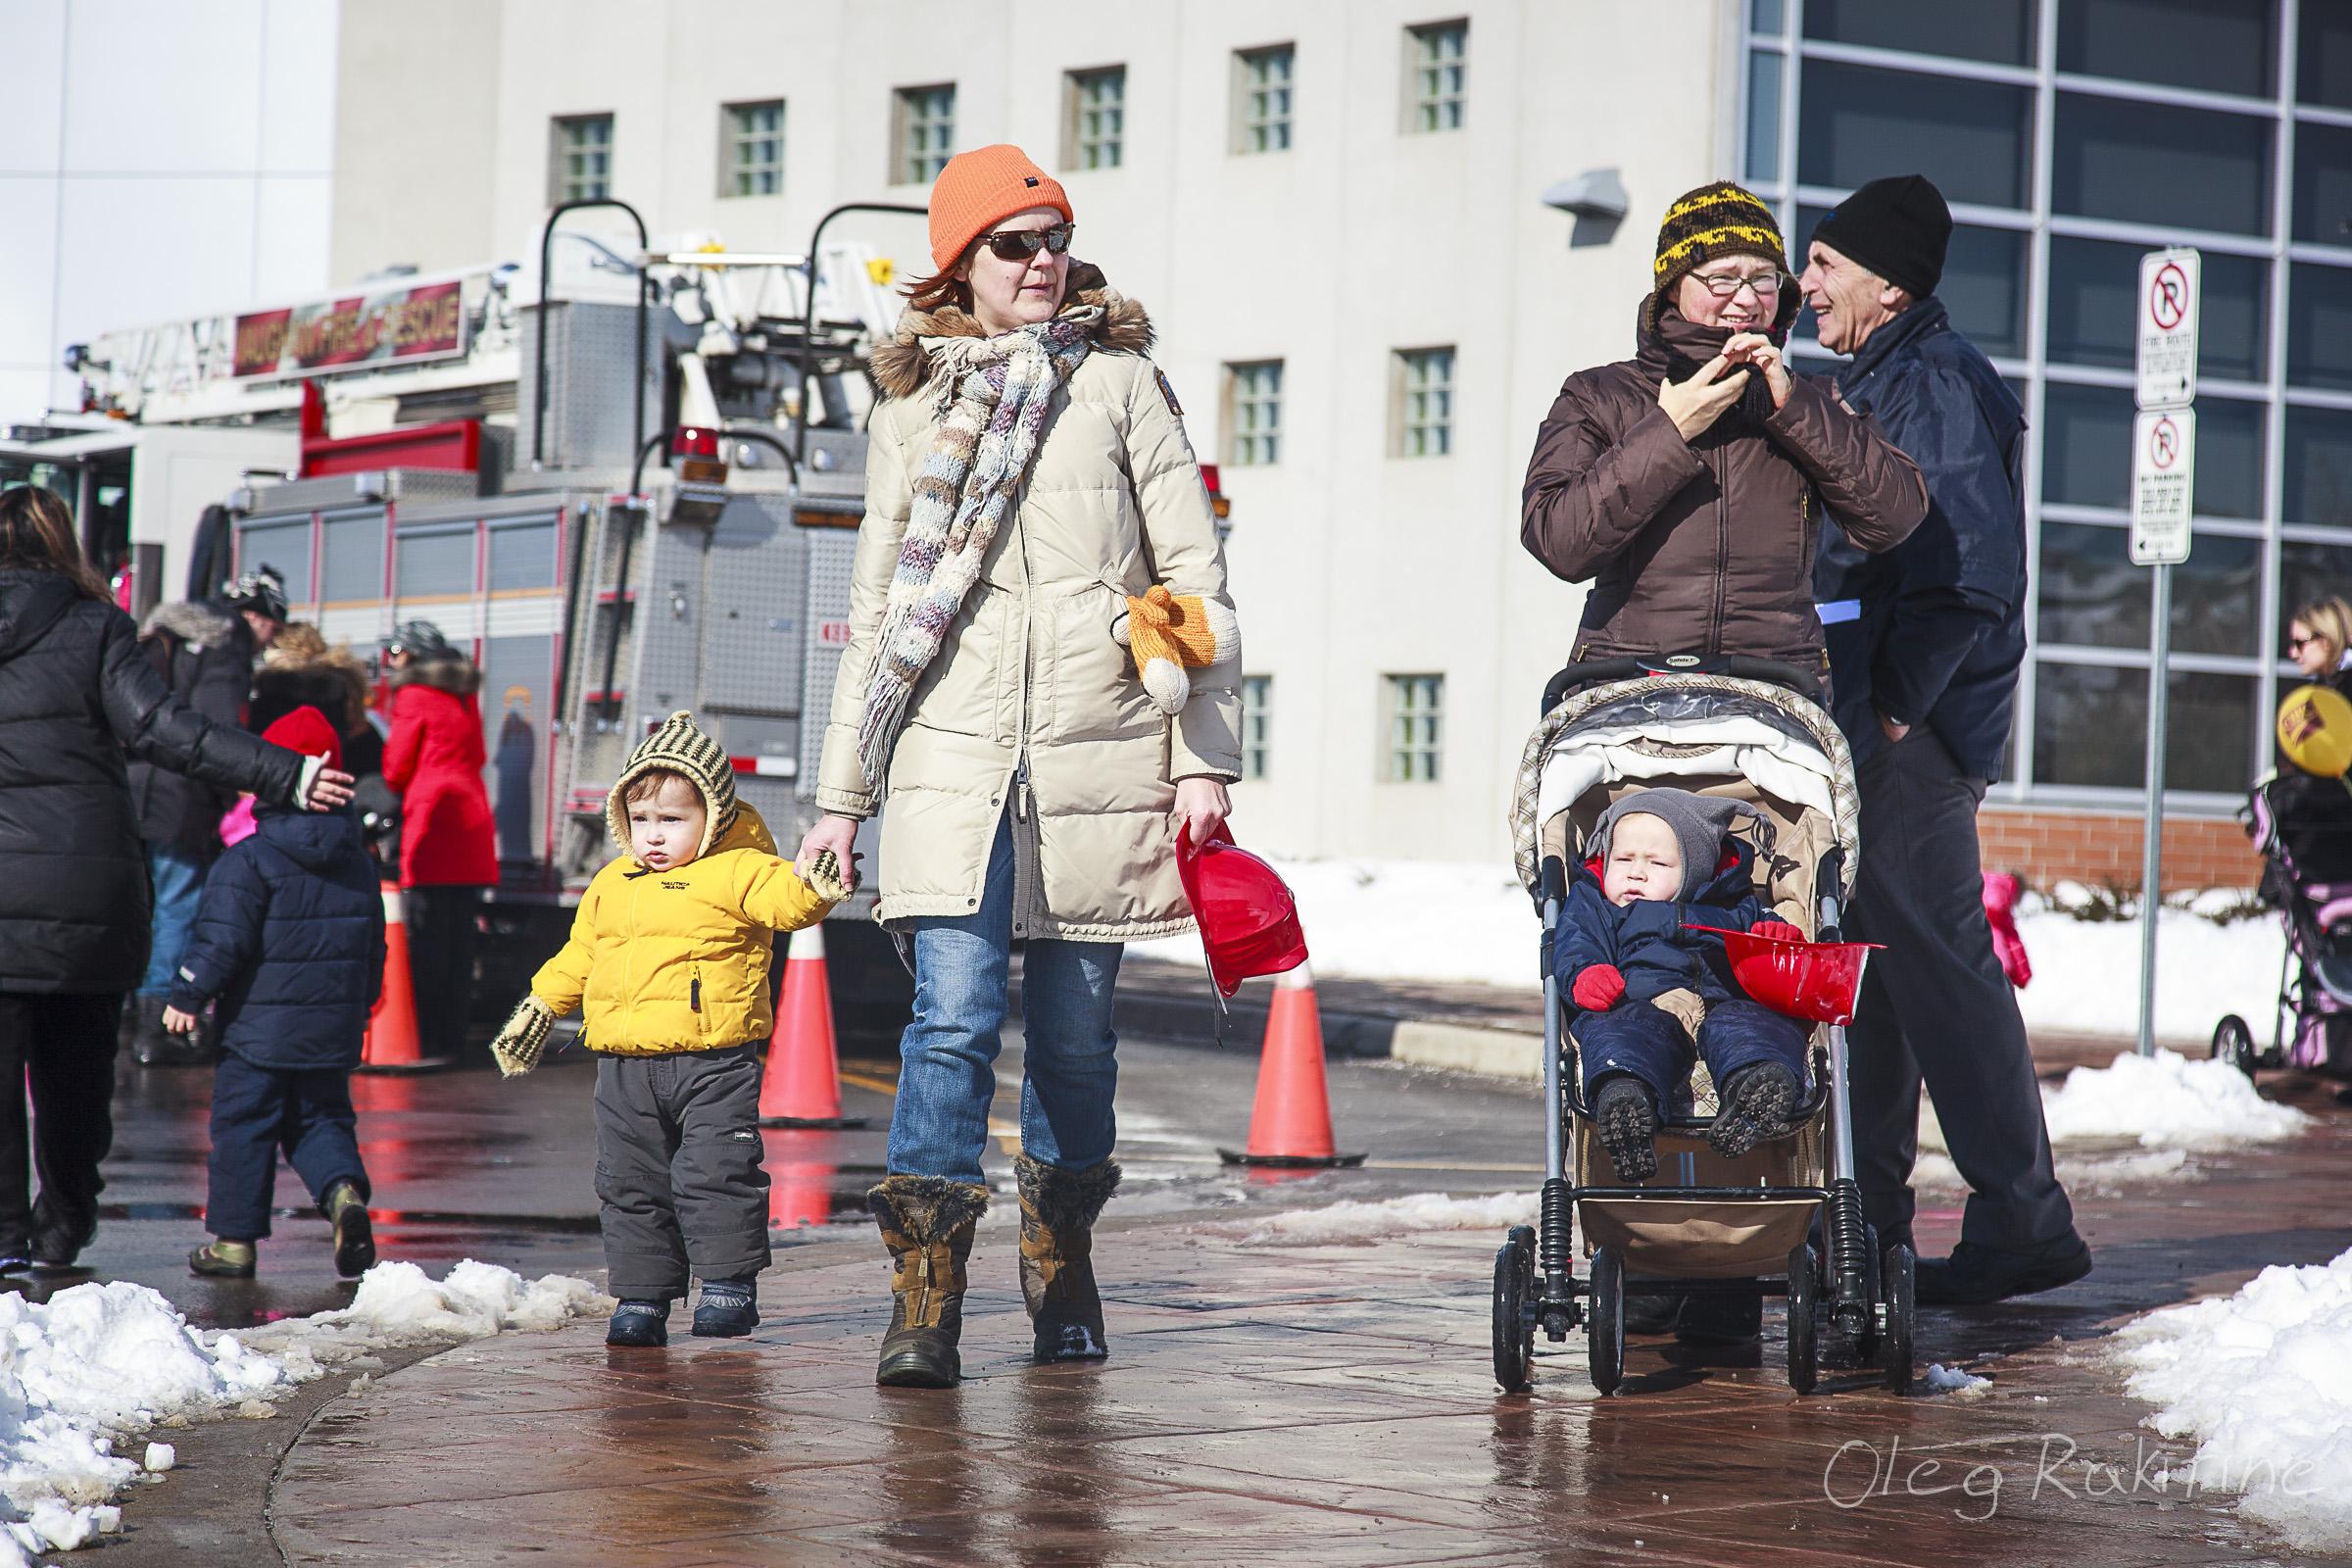 winter-festival-009.jpg